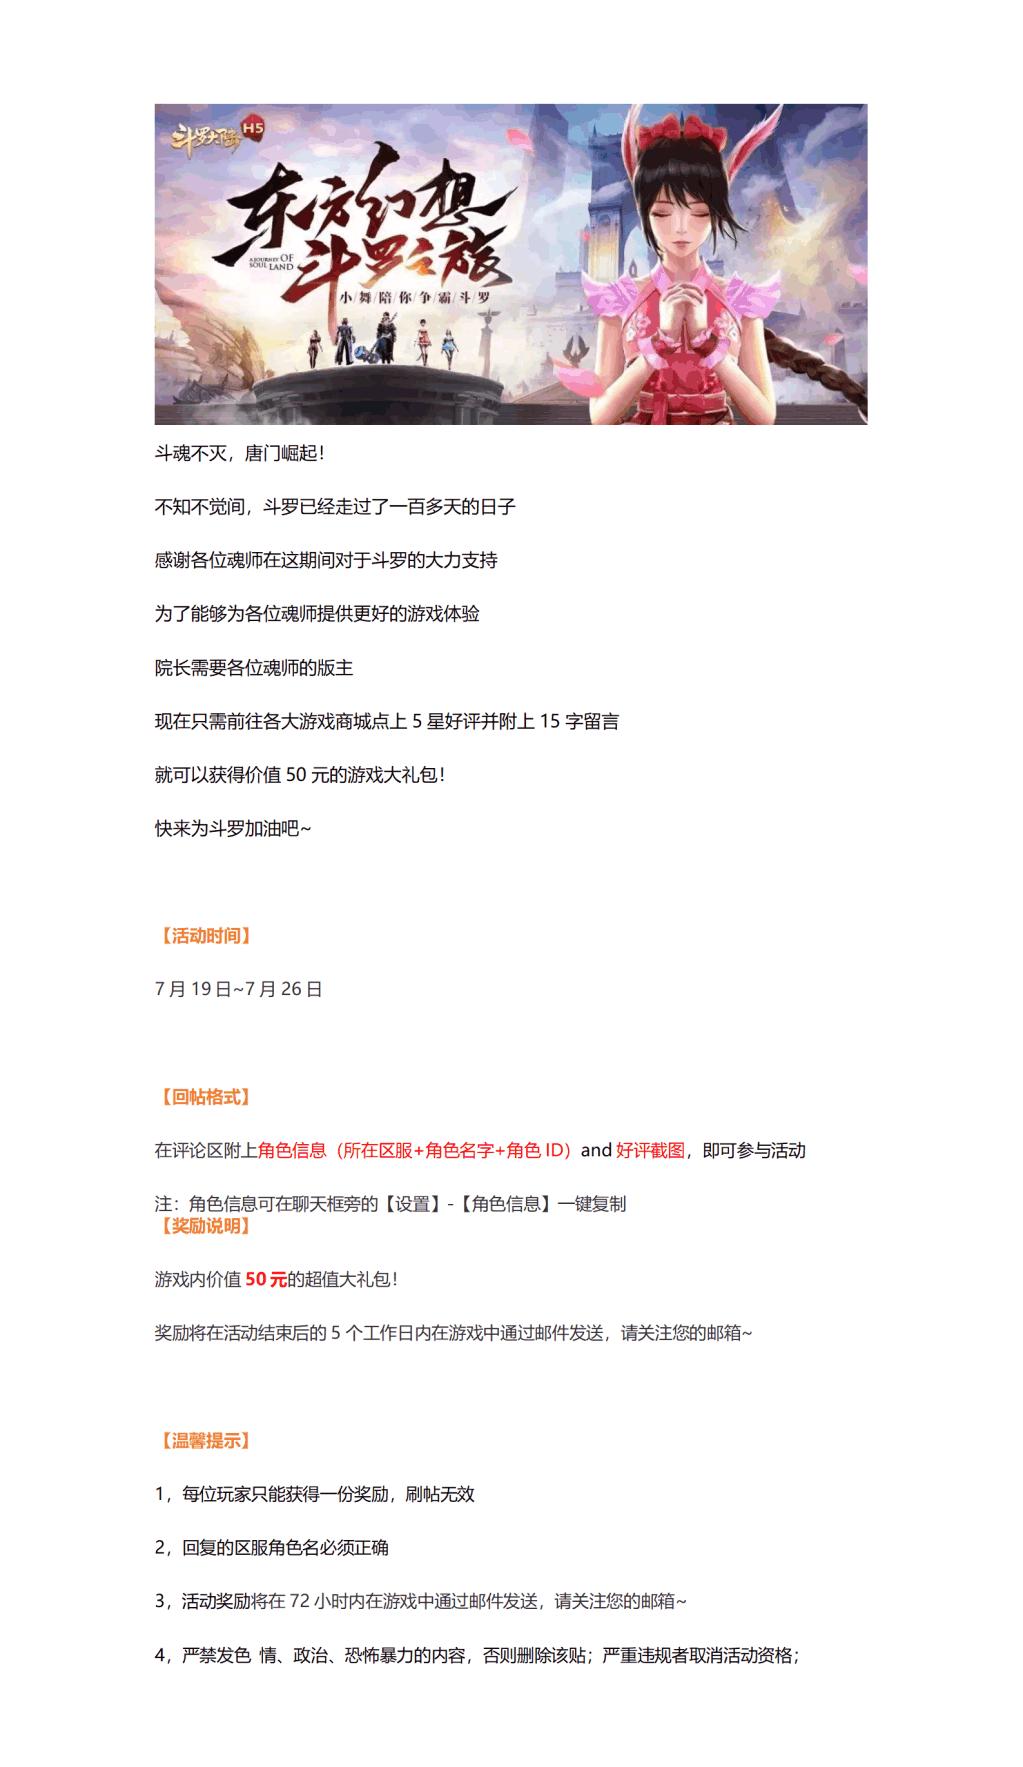 斗罗七月好评活动.png